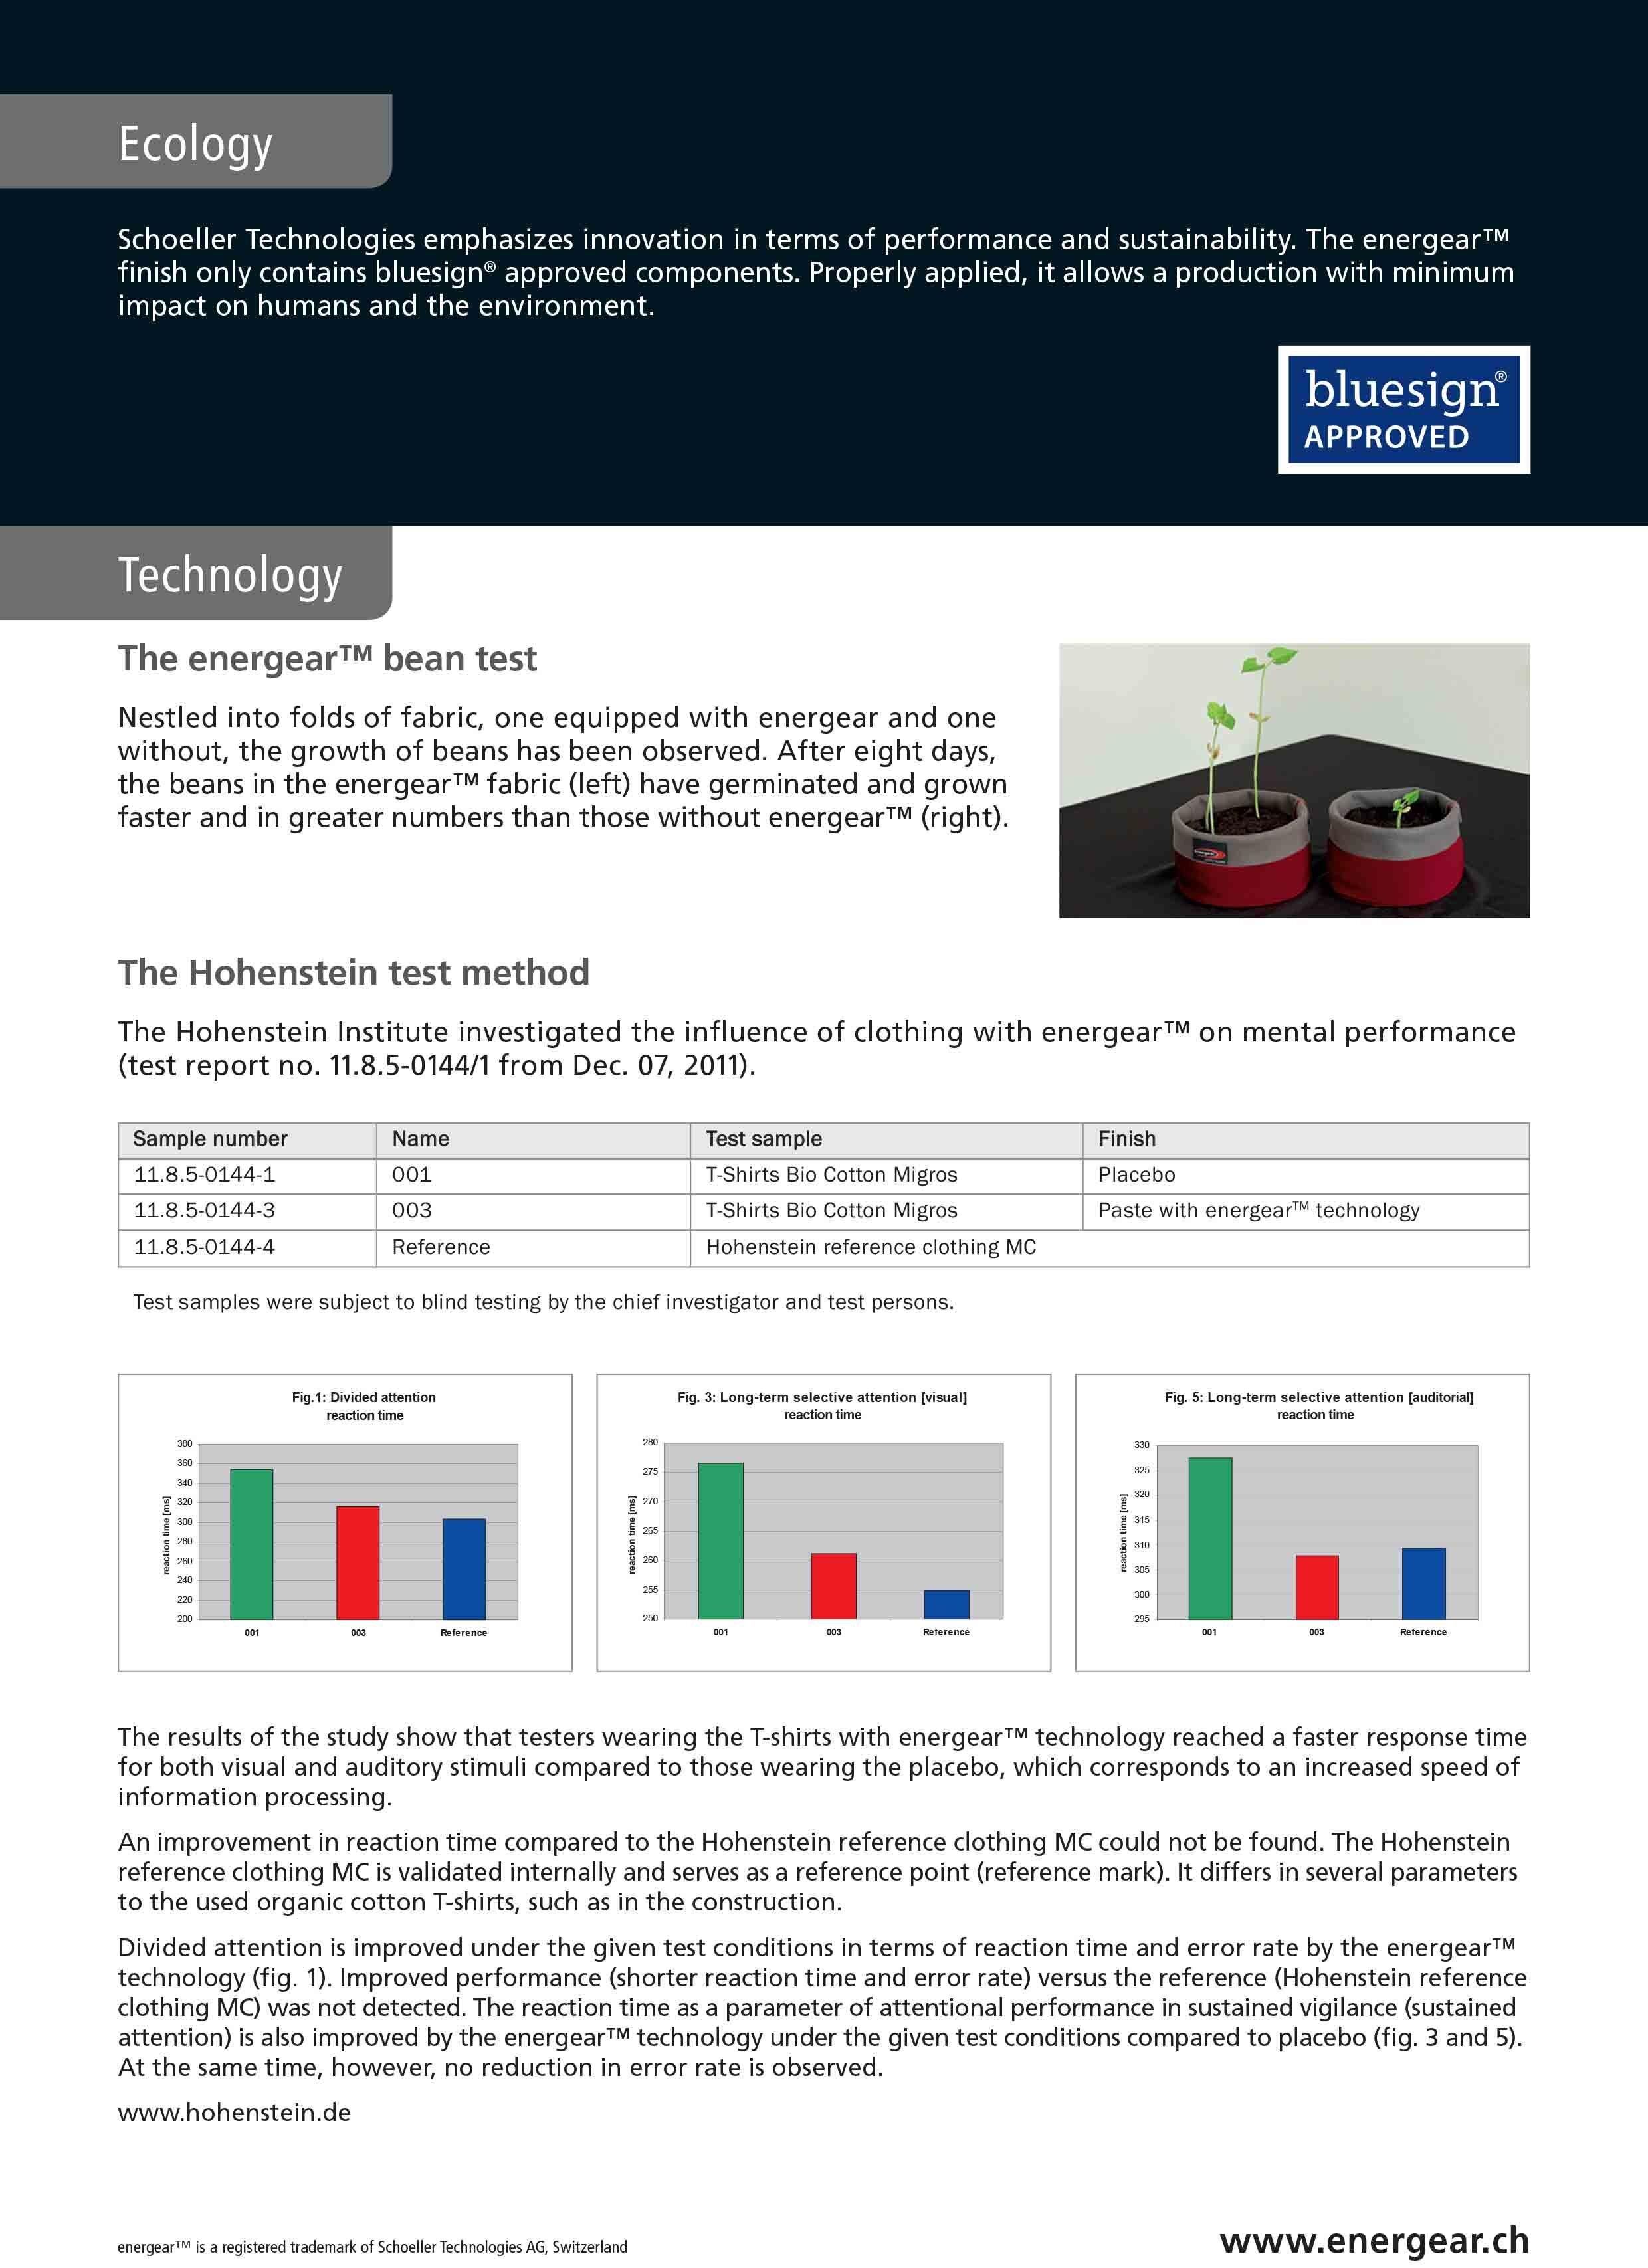 en-energear-product-information-2.jpg